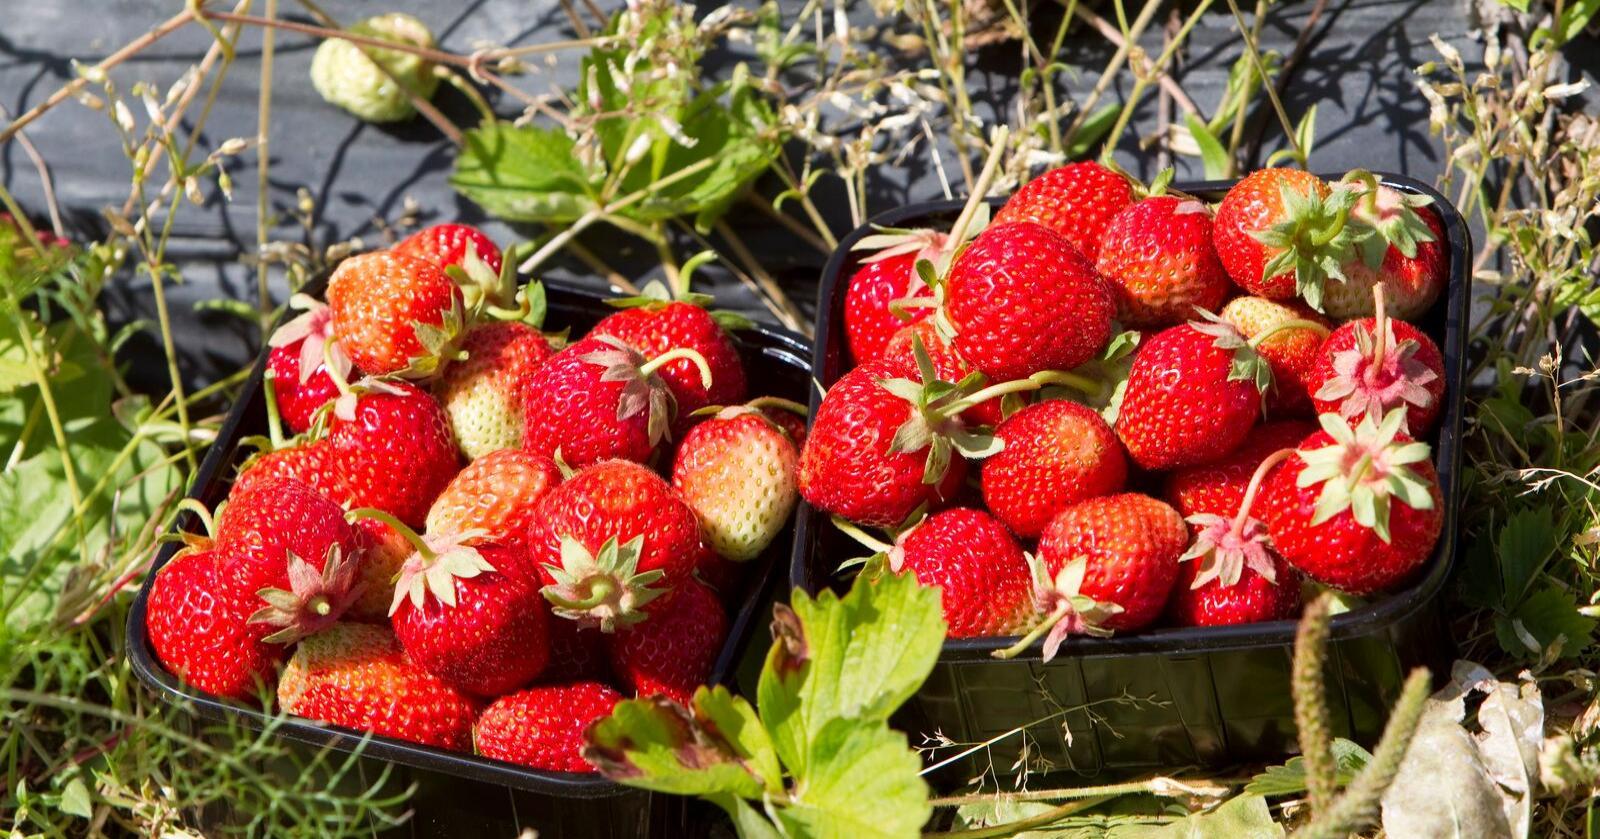 Arbeidstilsynet har ikke mulighet til å gripe inn mot jordbærbønder som betaler for lite, noe både fagforeninger og politikere reagerer på. Foto: Gorm Kallestad / Scanpix